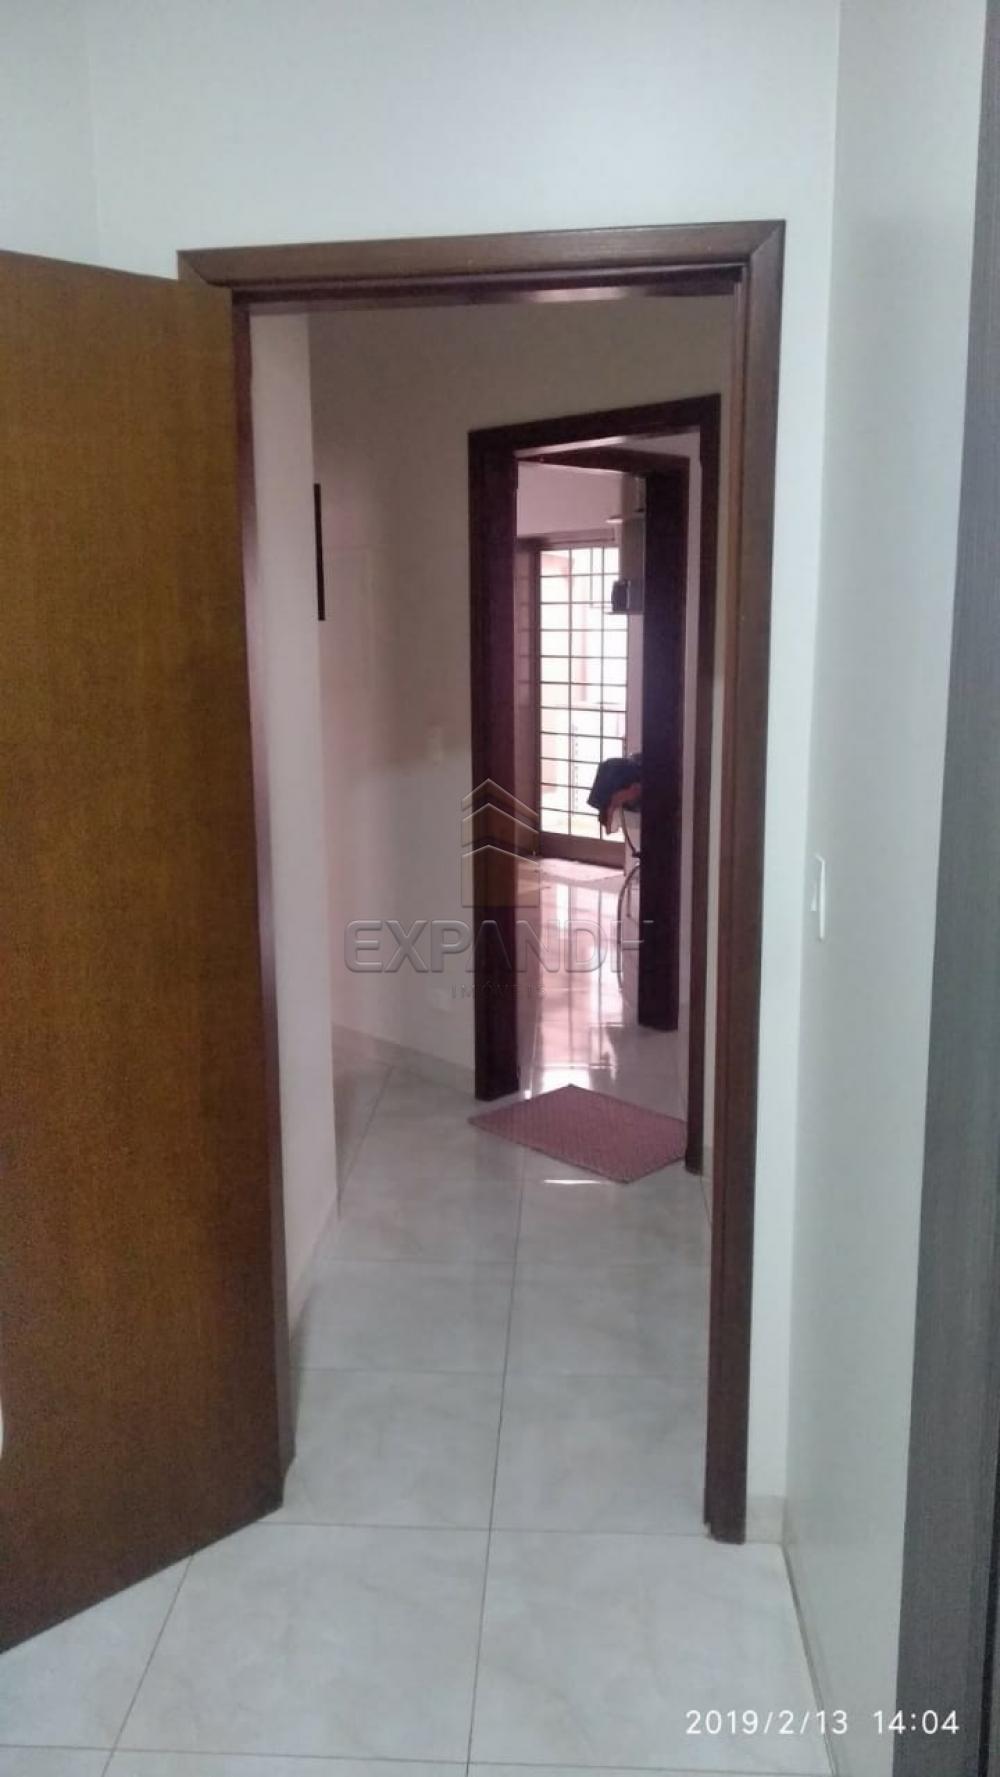 Comprar Casas / Padrão em Sertãozinho apenas R$ 355.000,00 - Foto 18